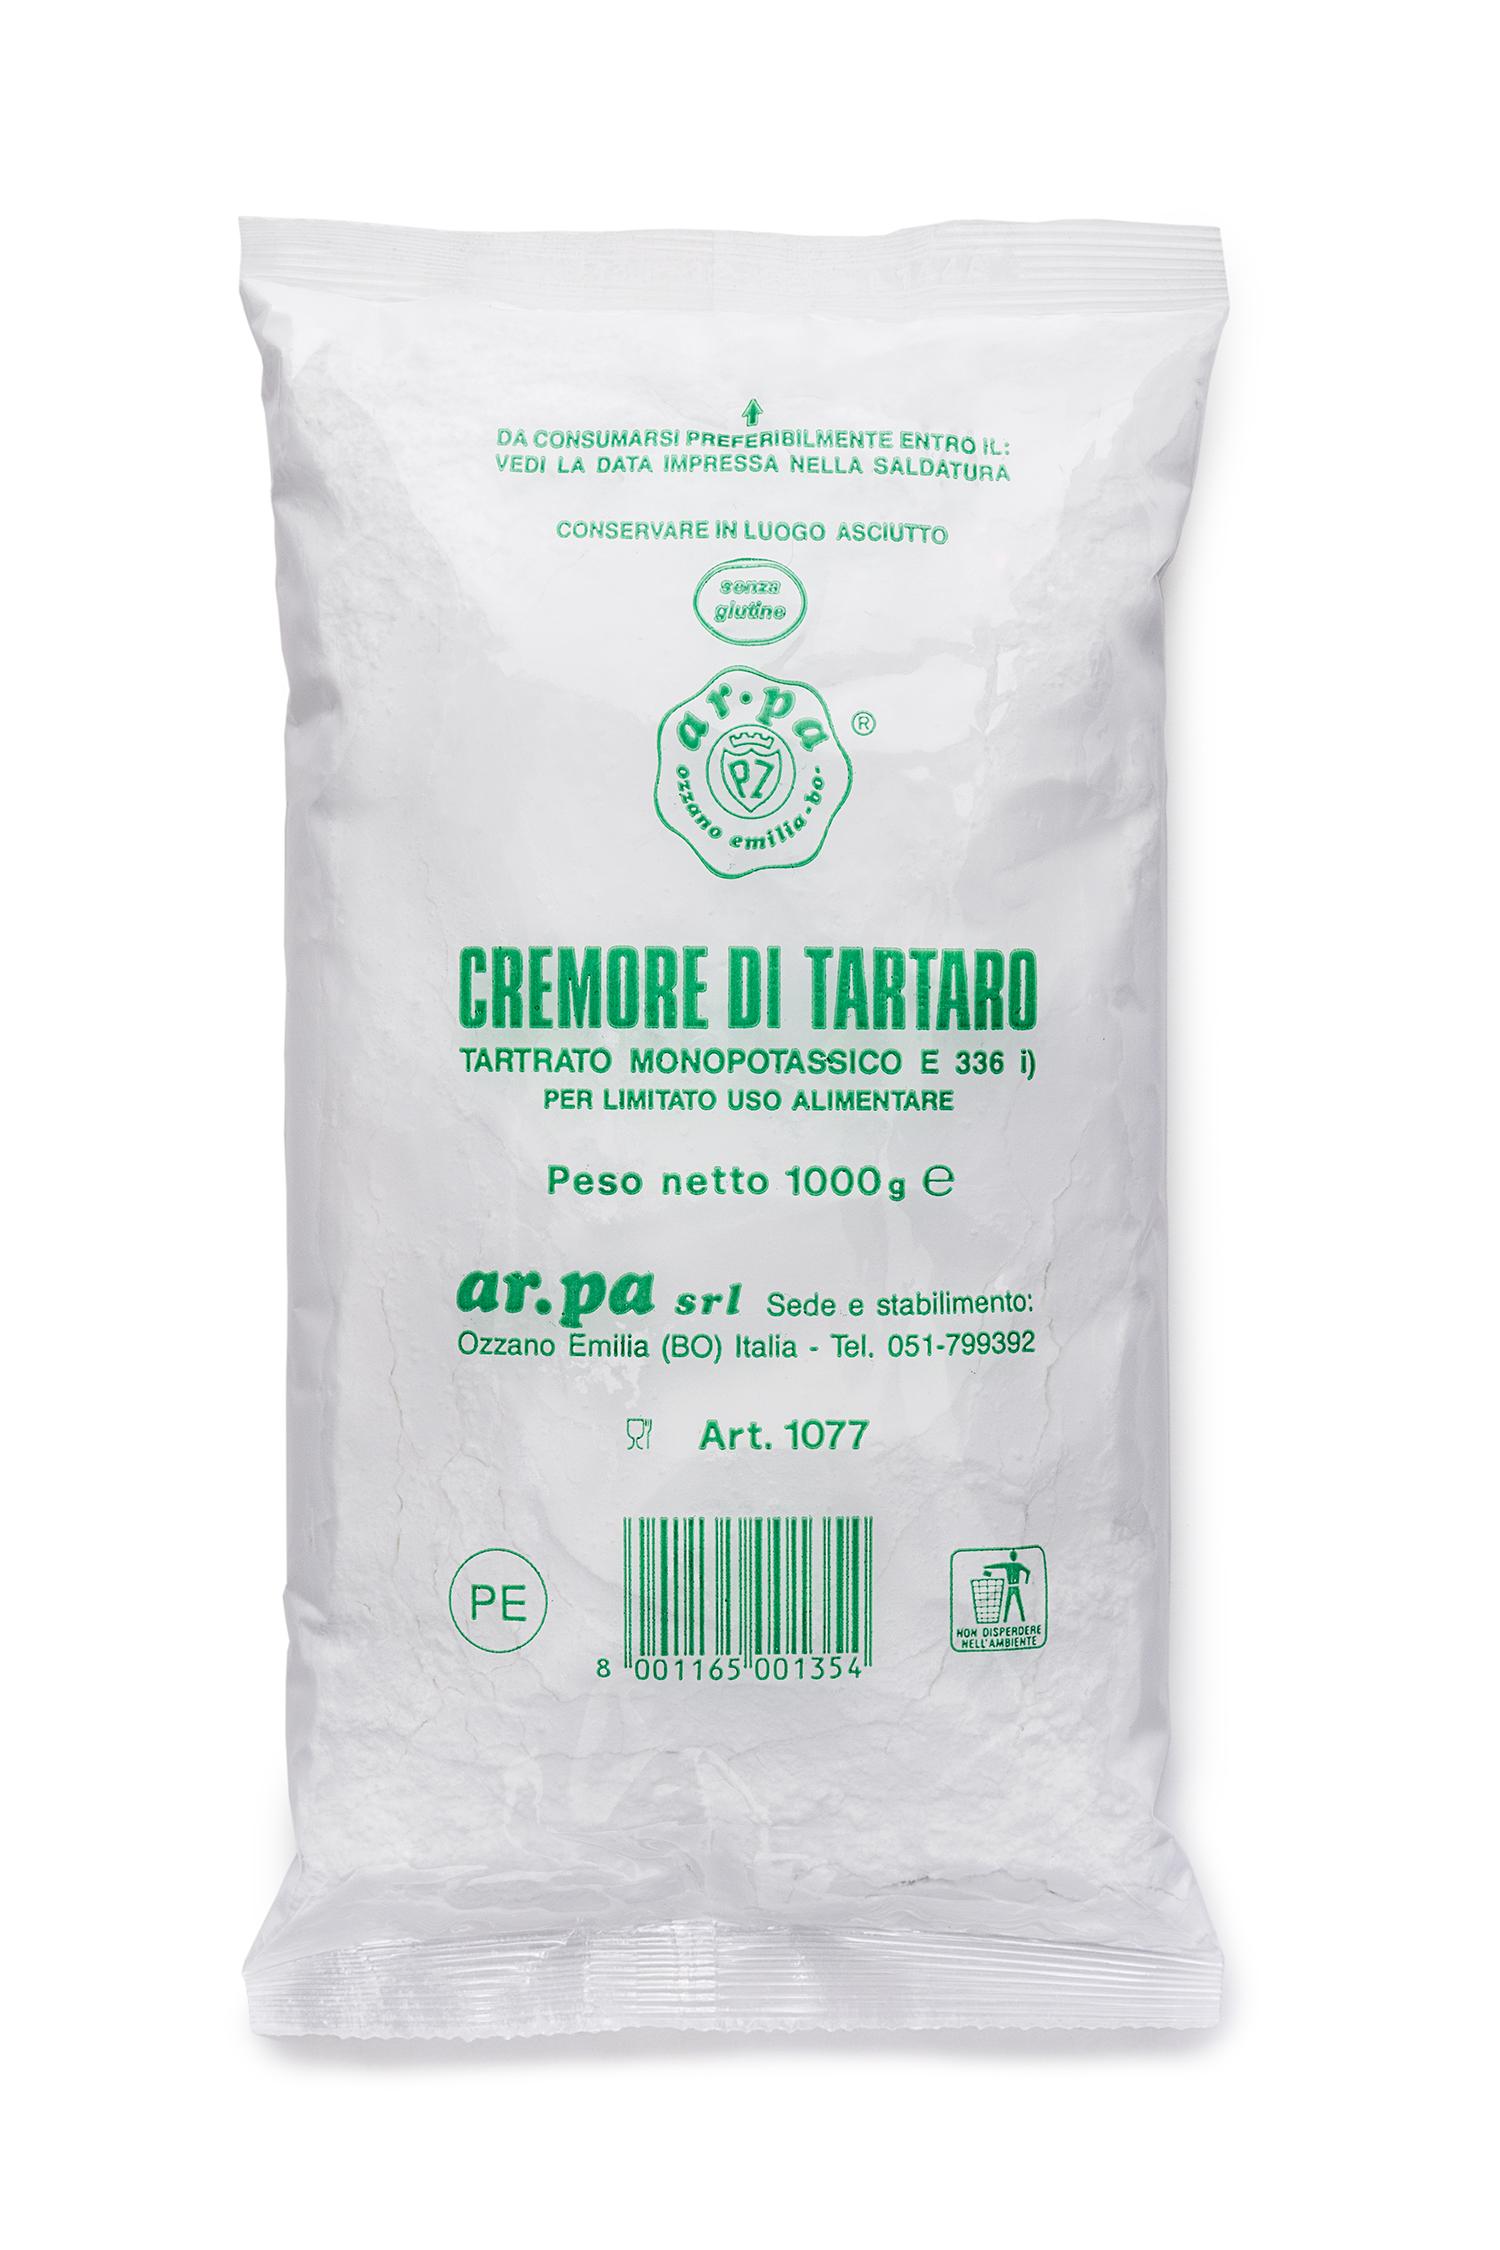 Packaging del prodotto Cremore di tartaro